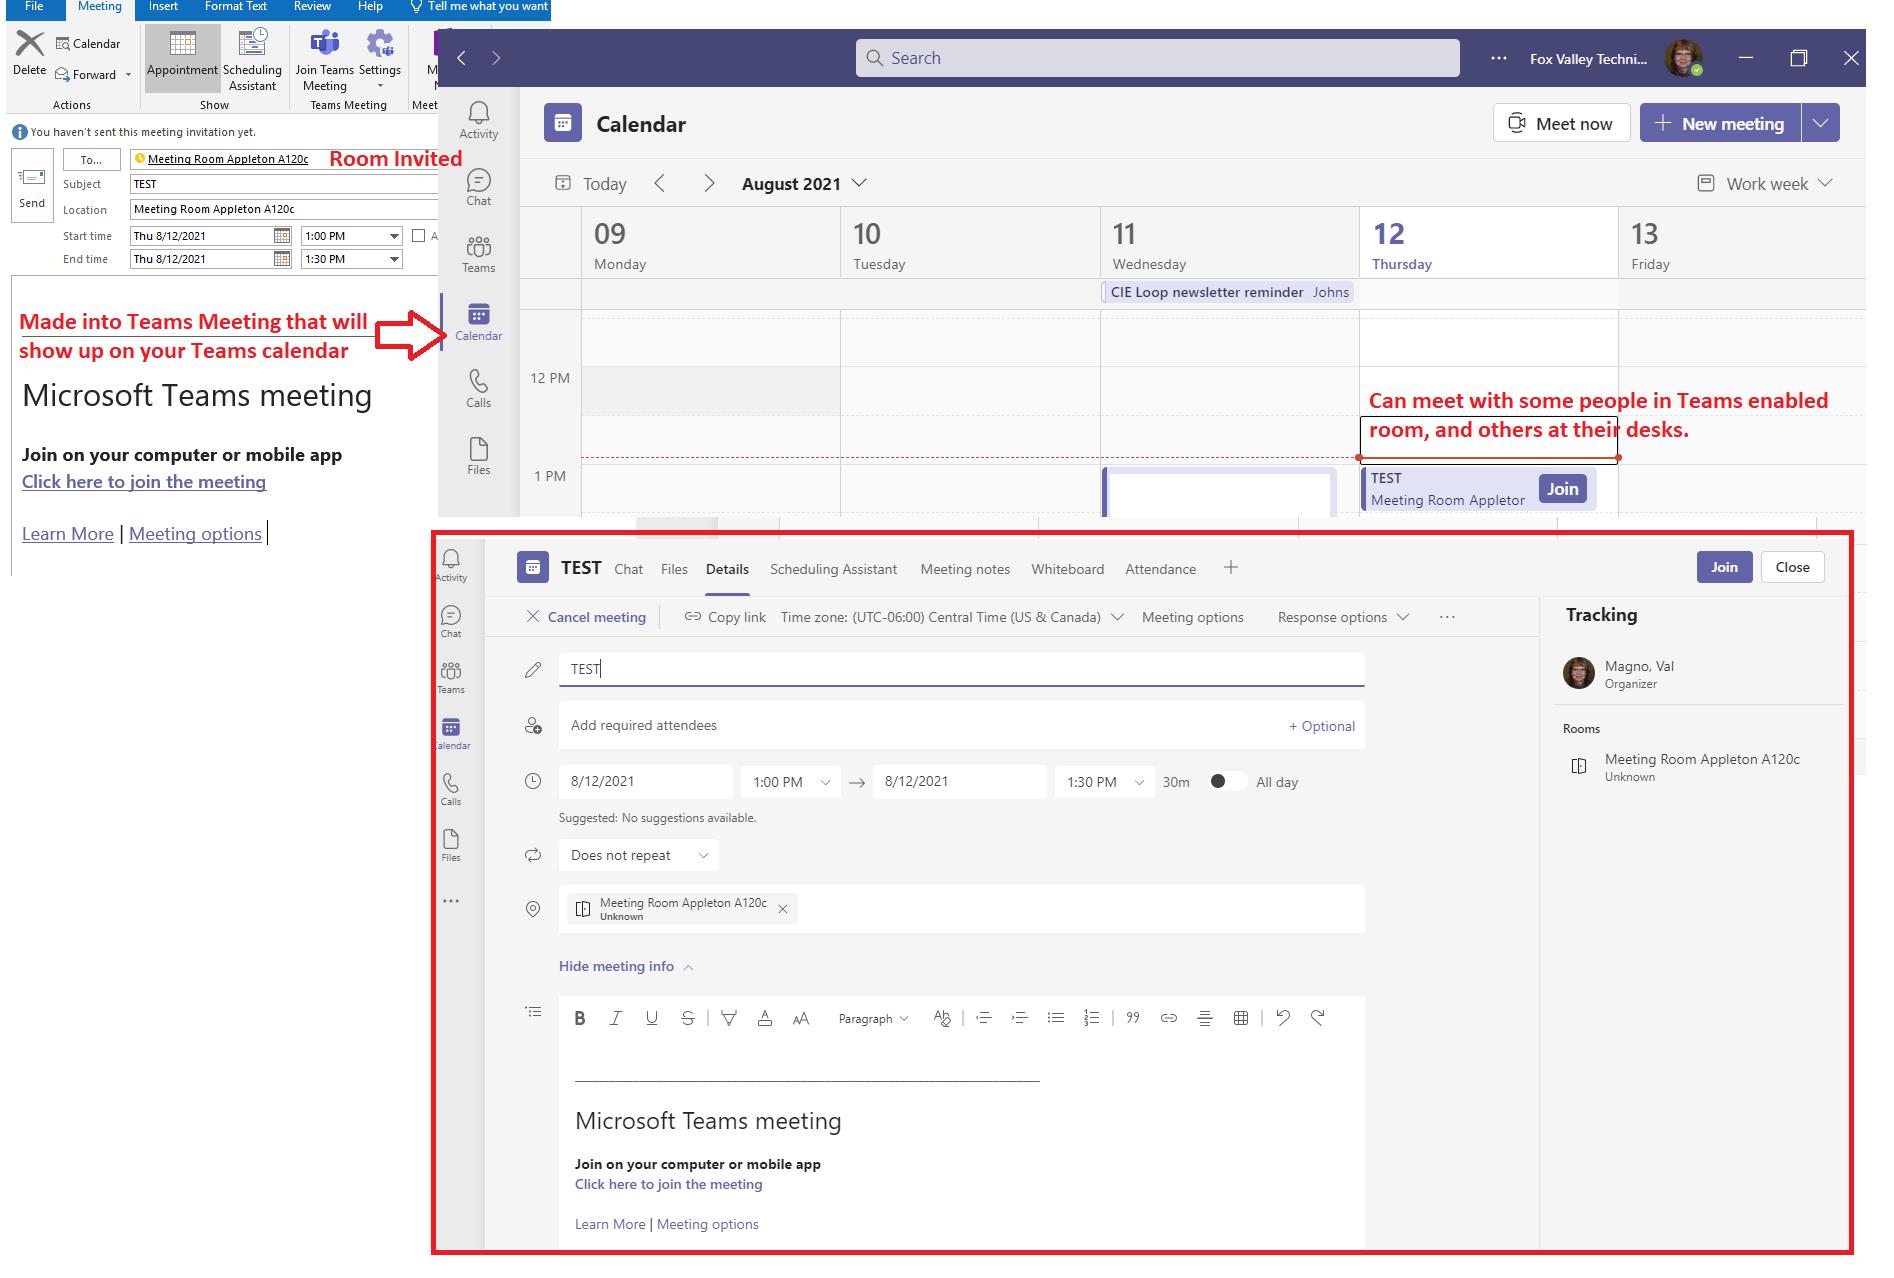 screenshot demonstration images